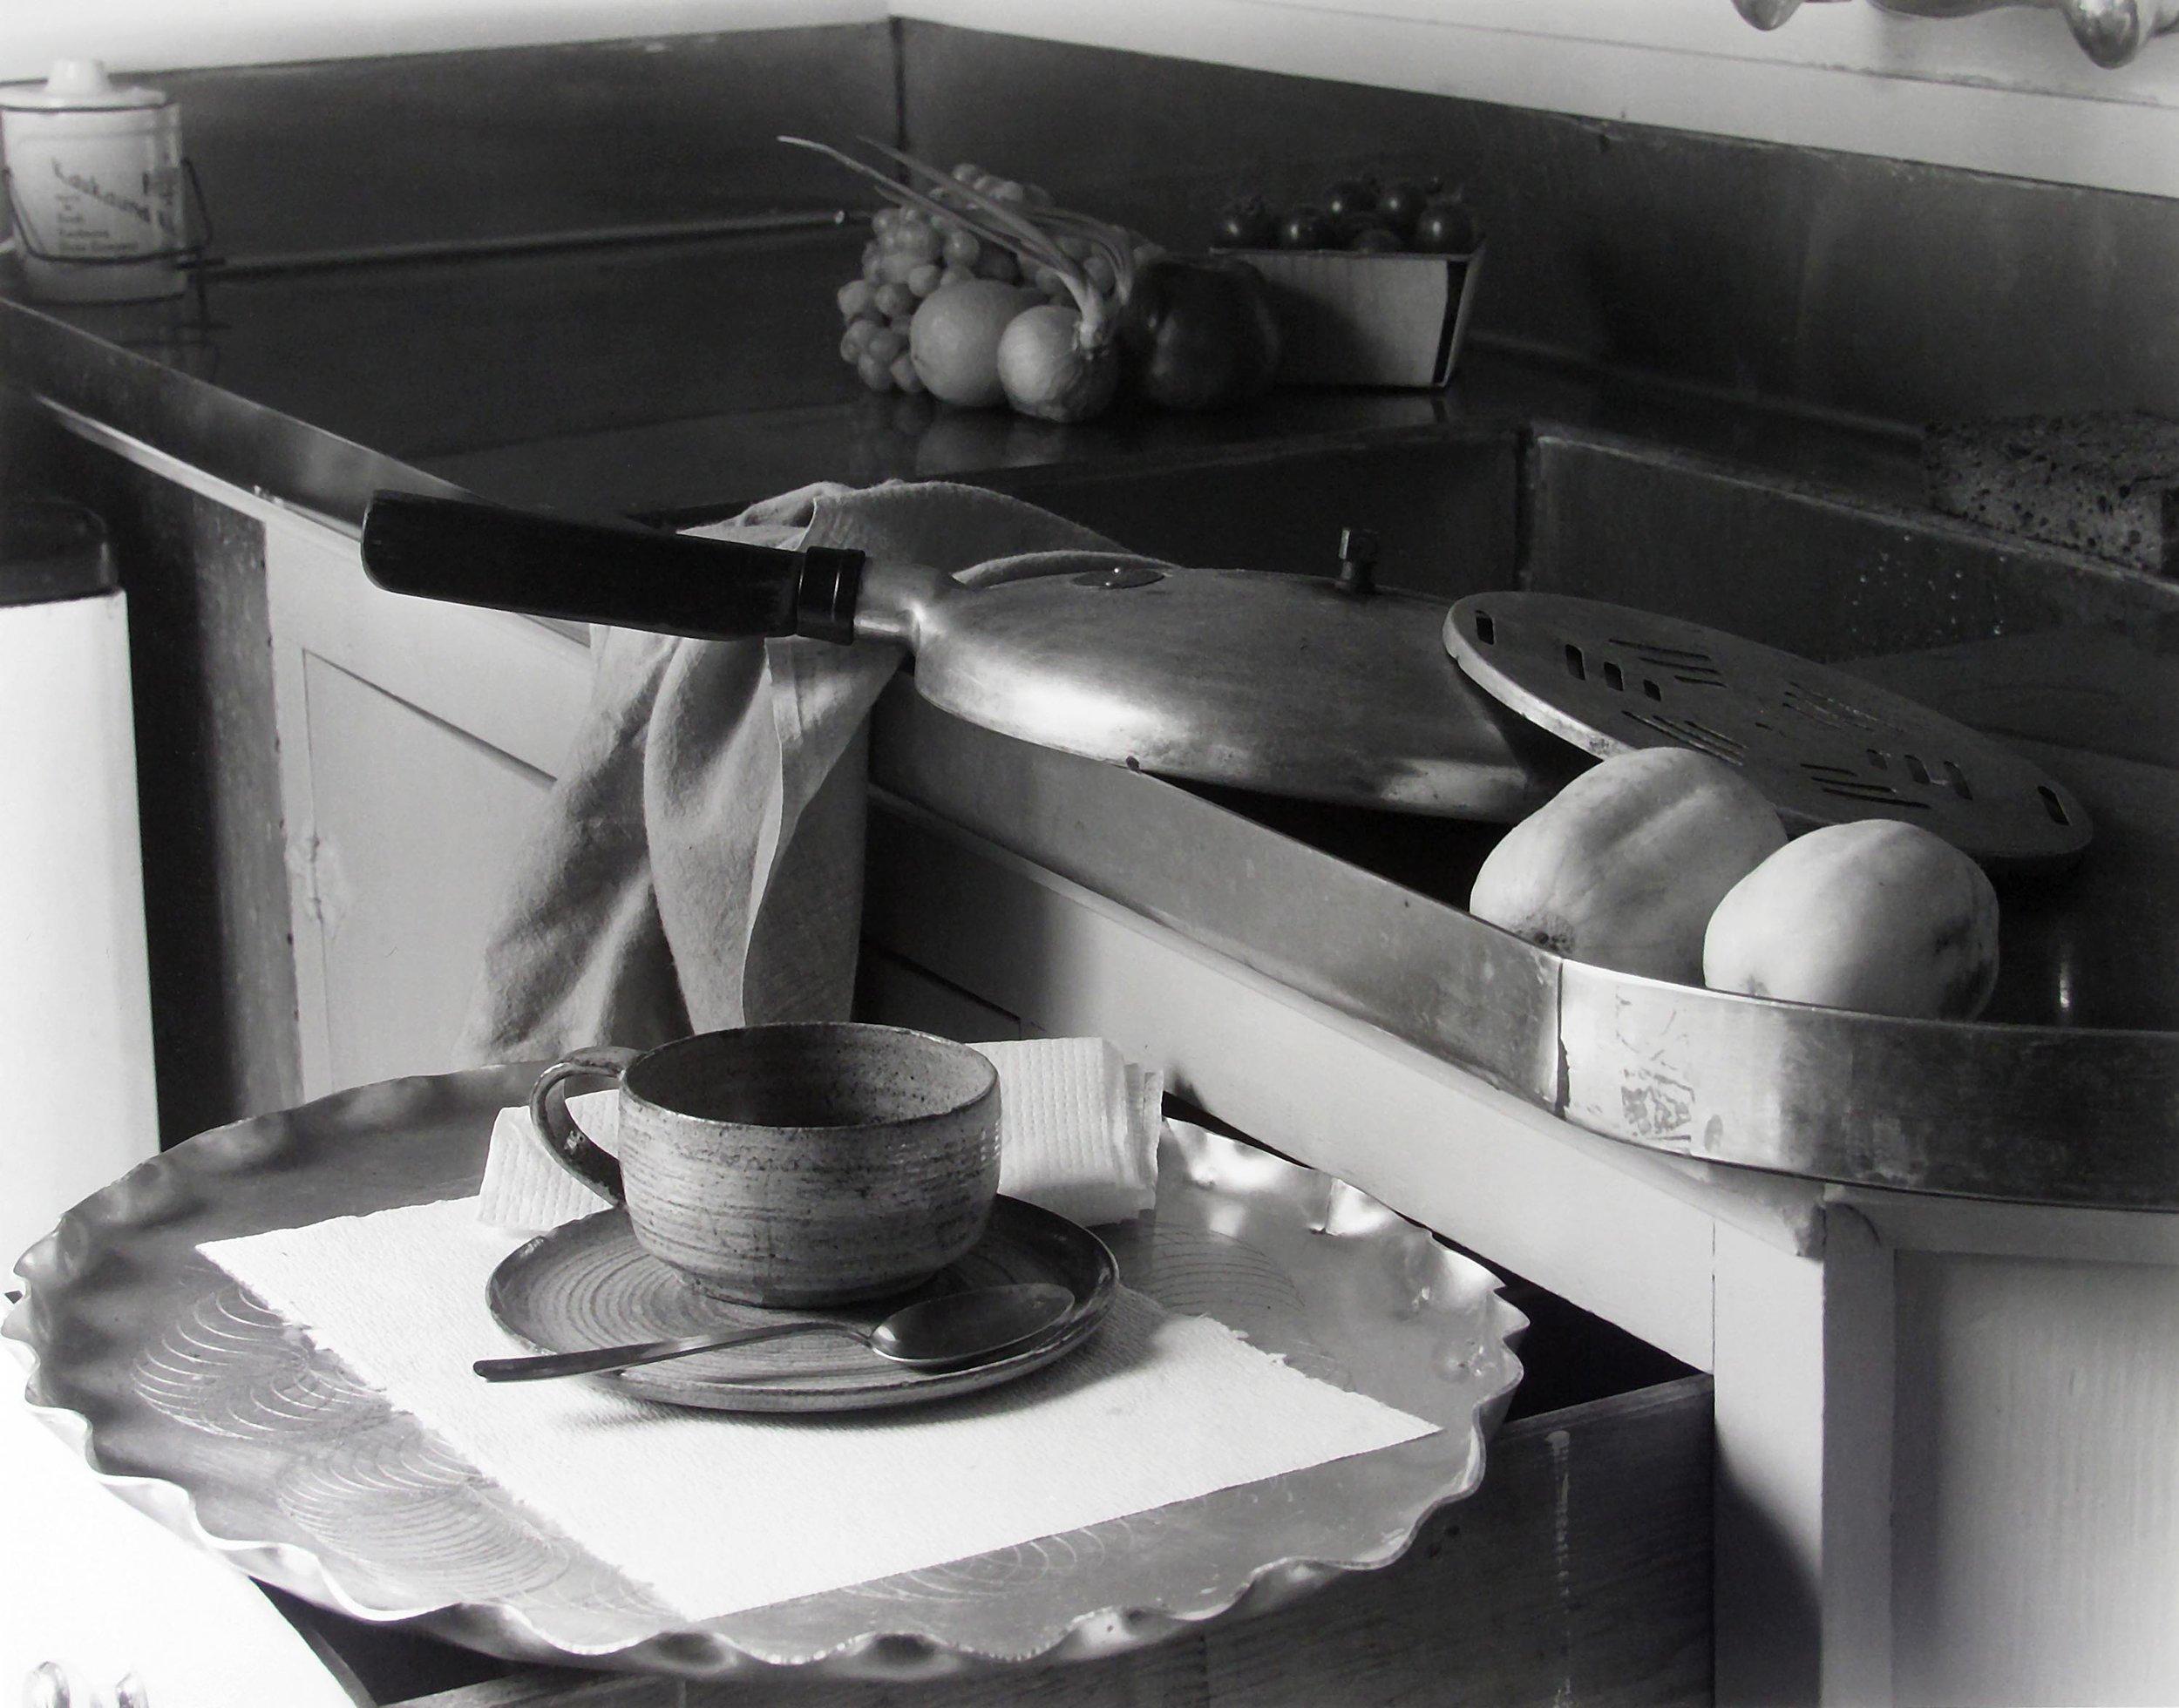 Imogen Cunningham, My Kitchen Sink, 1947 © Imogen Cunningham Trust